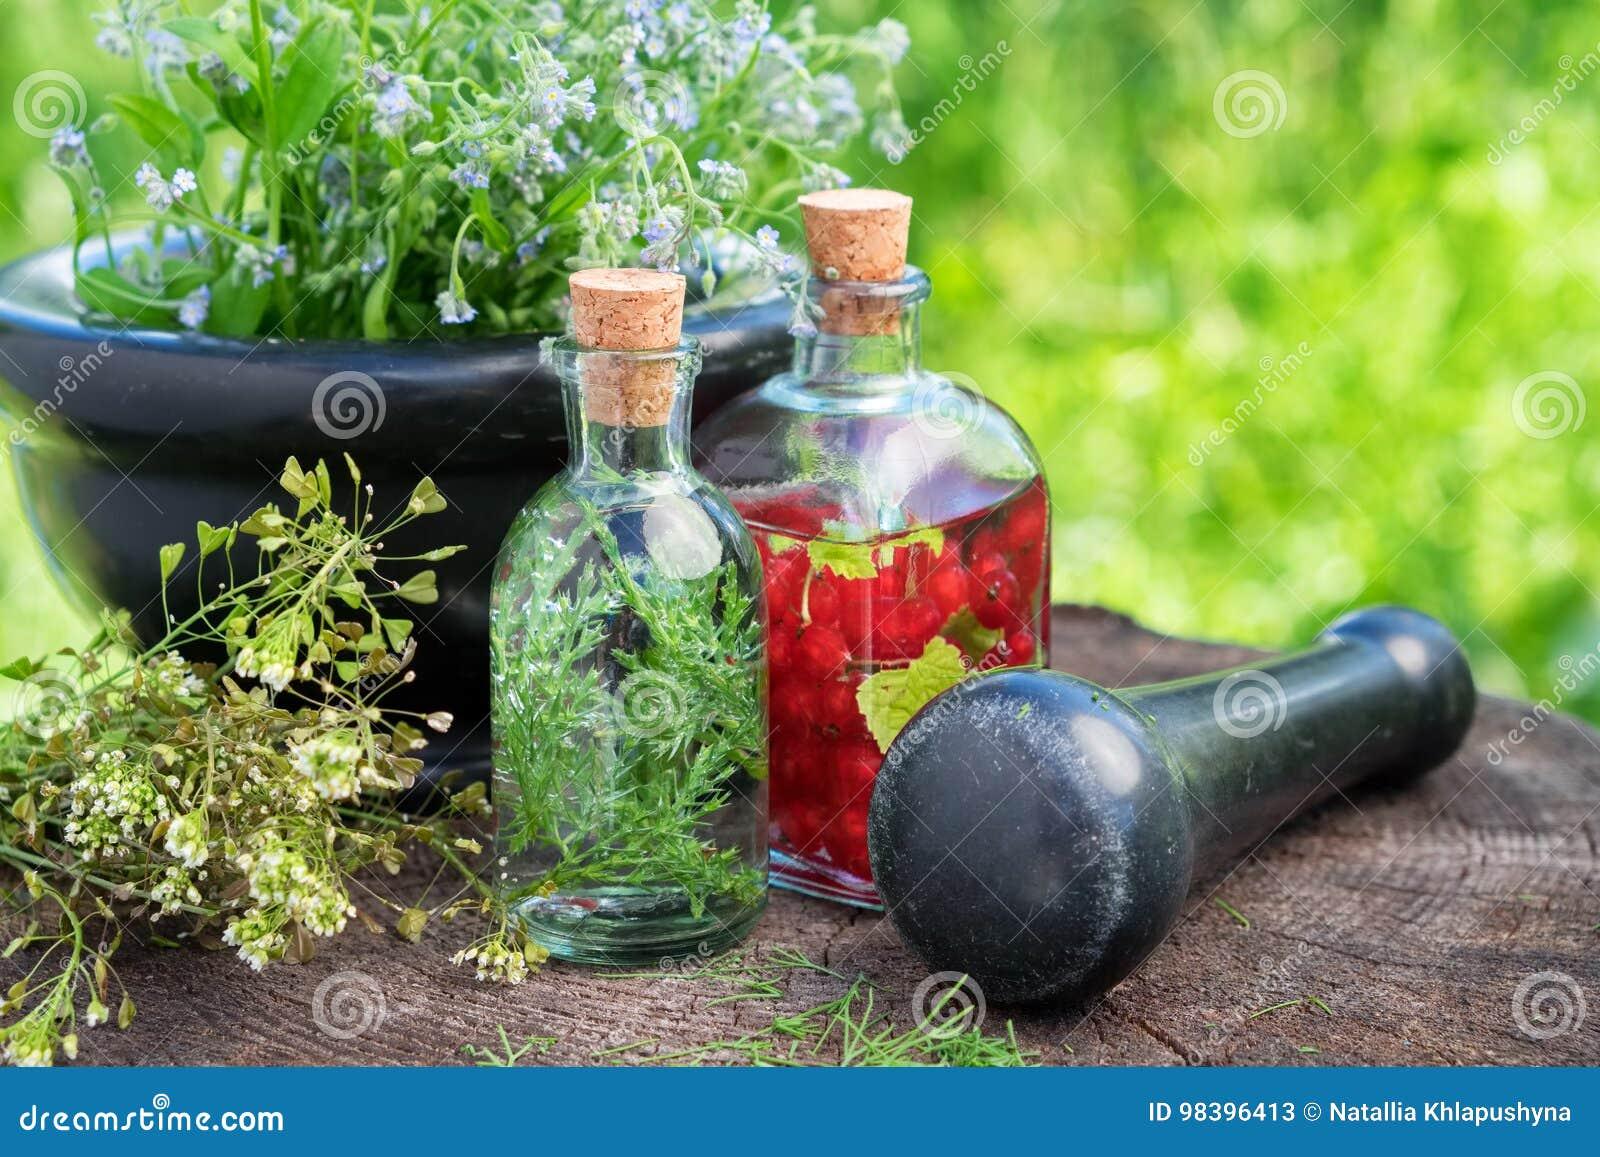 Mortier des herbes curatives, de la teinture de fines herbes, de l infusion saine et des plantes médicinales